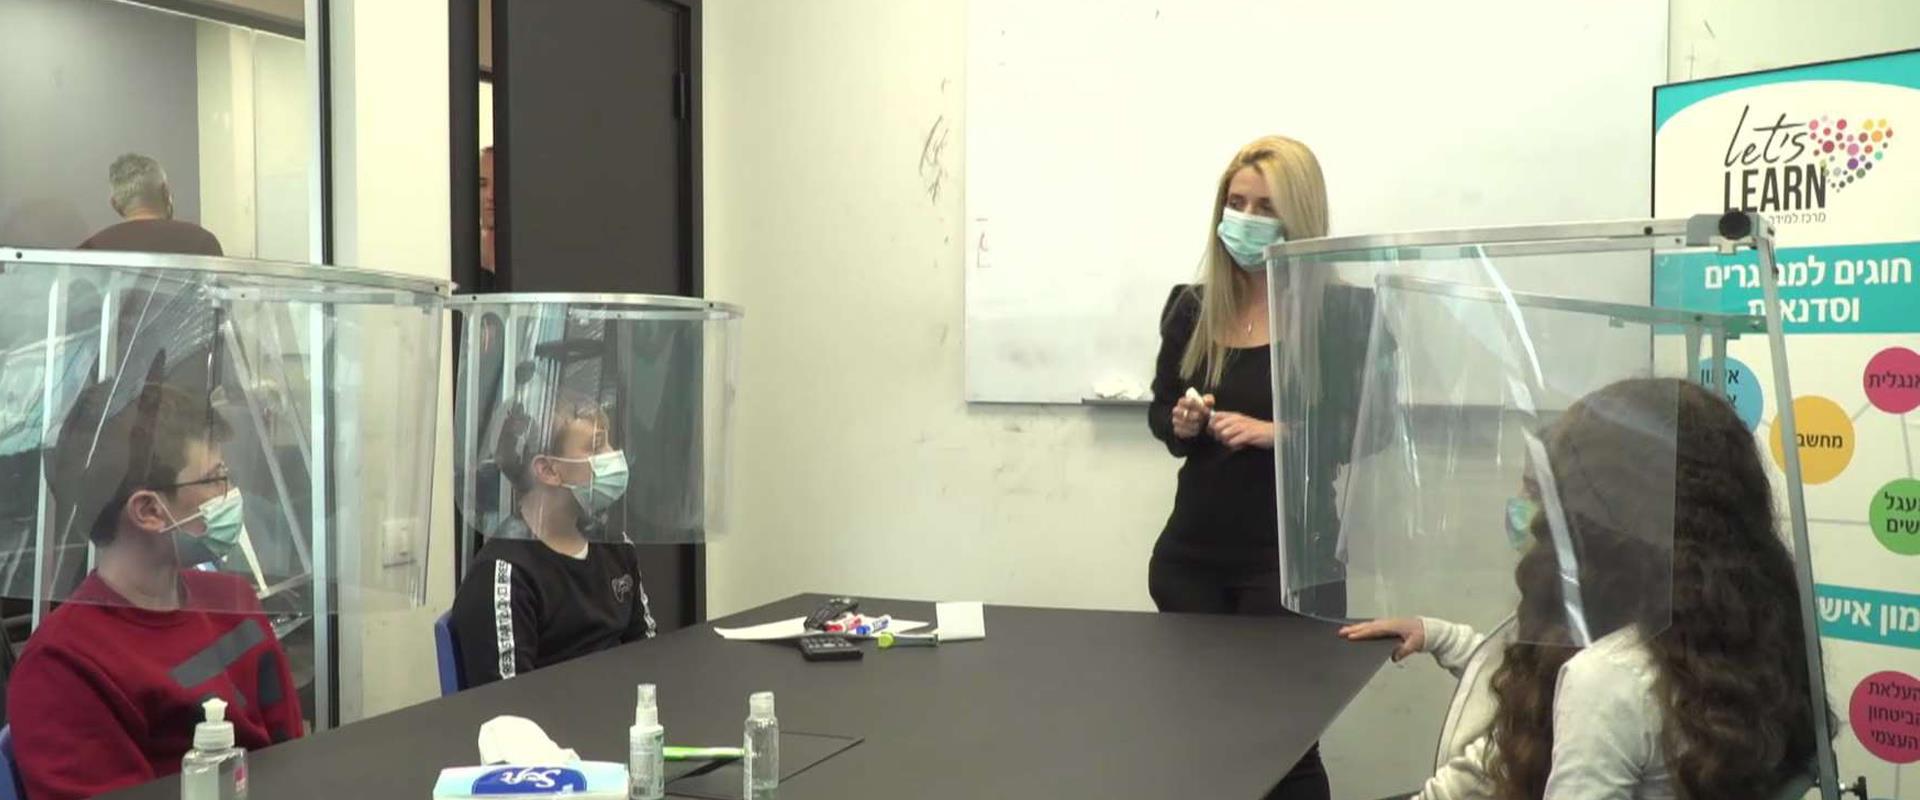 הפתרון היצירתי לשמירת מרחק בכיתה